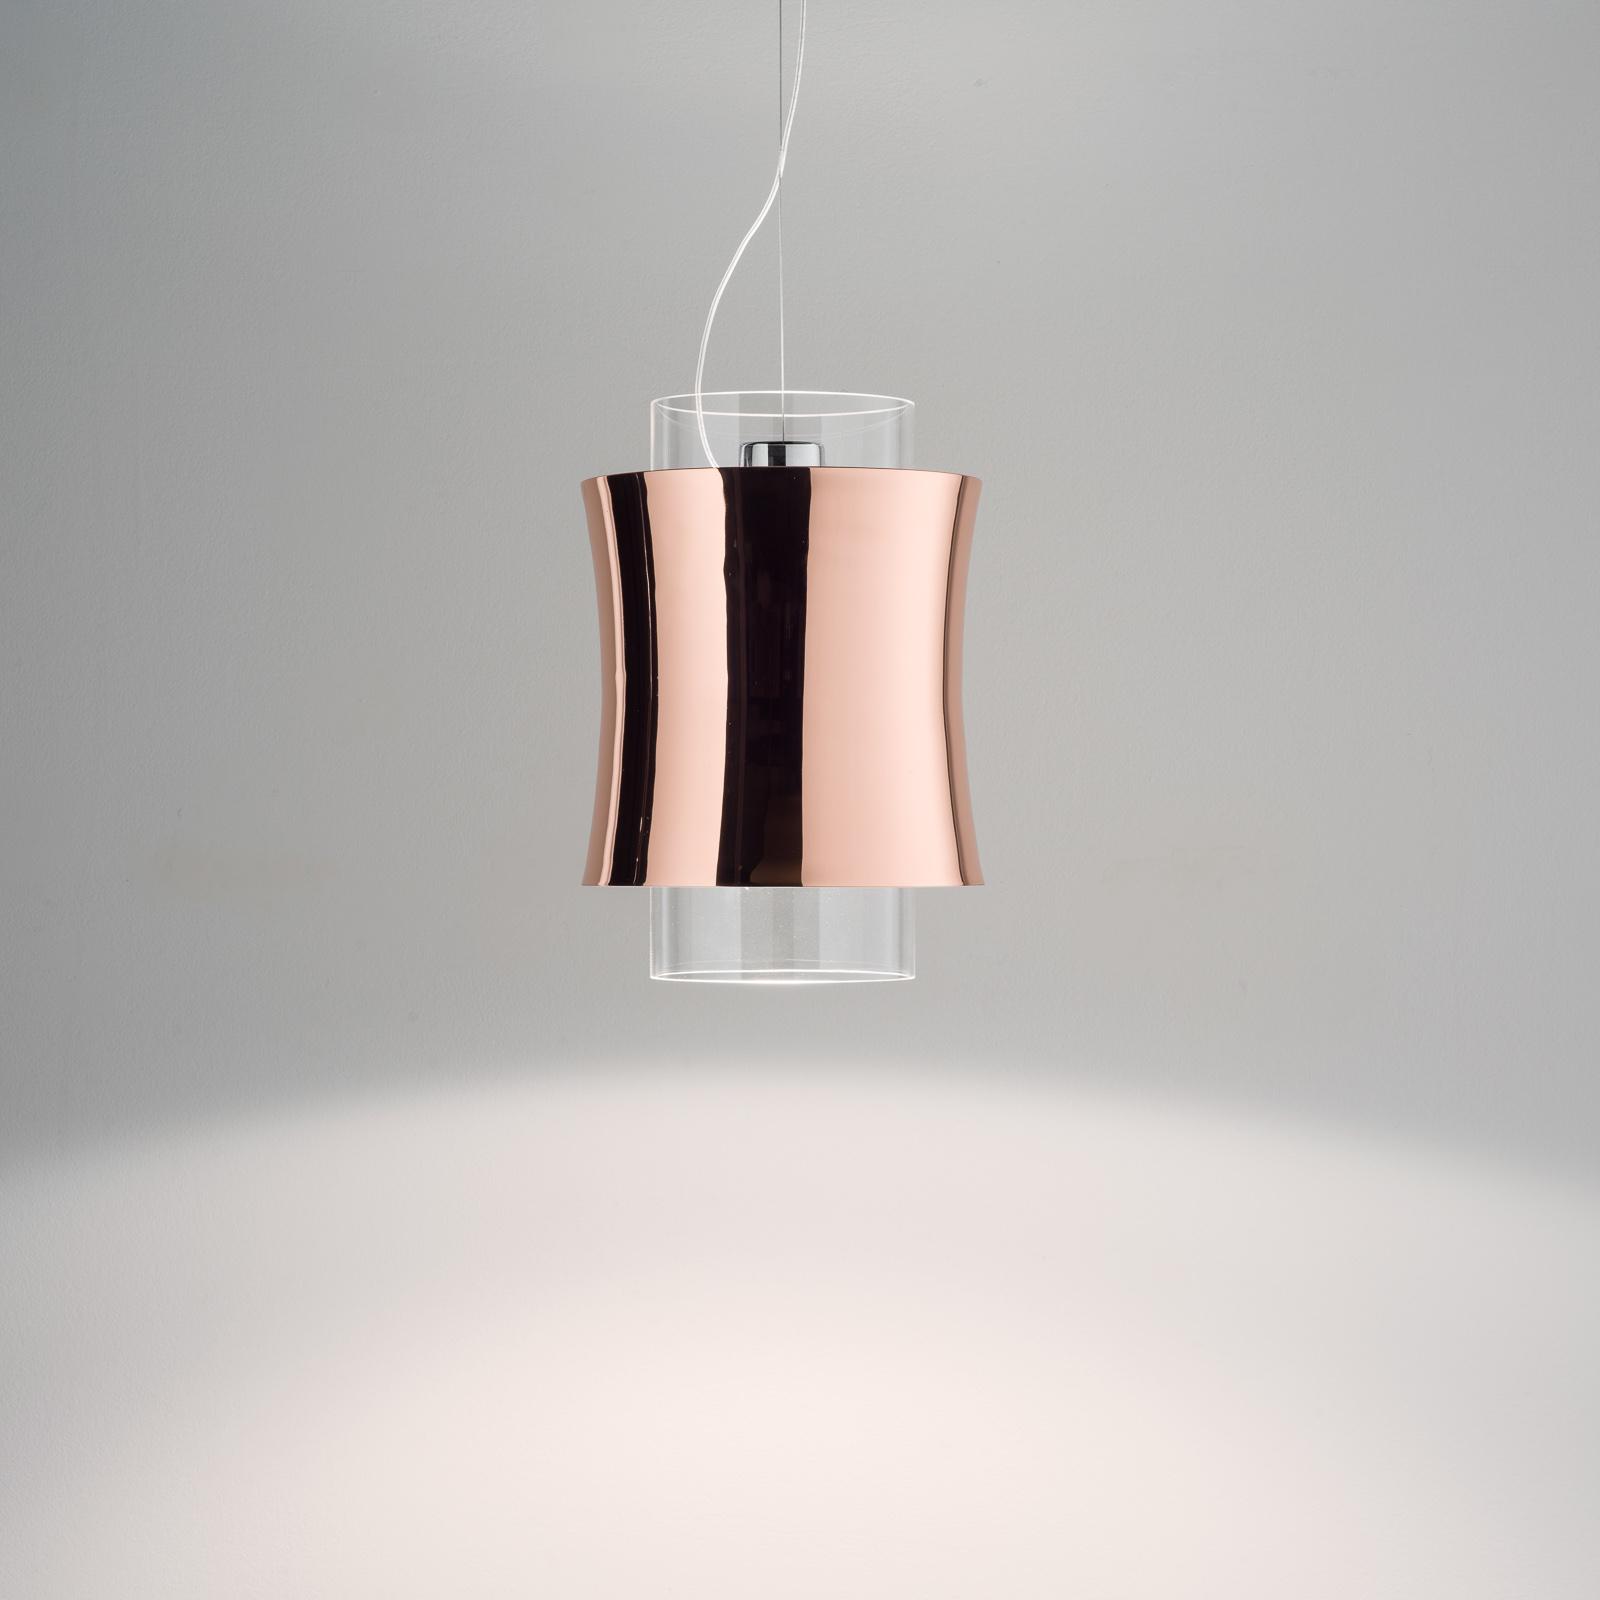 Prandina Fez S1 hanglamp koper gepolijst